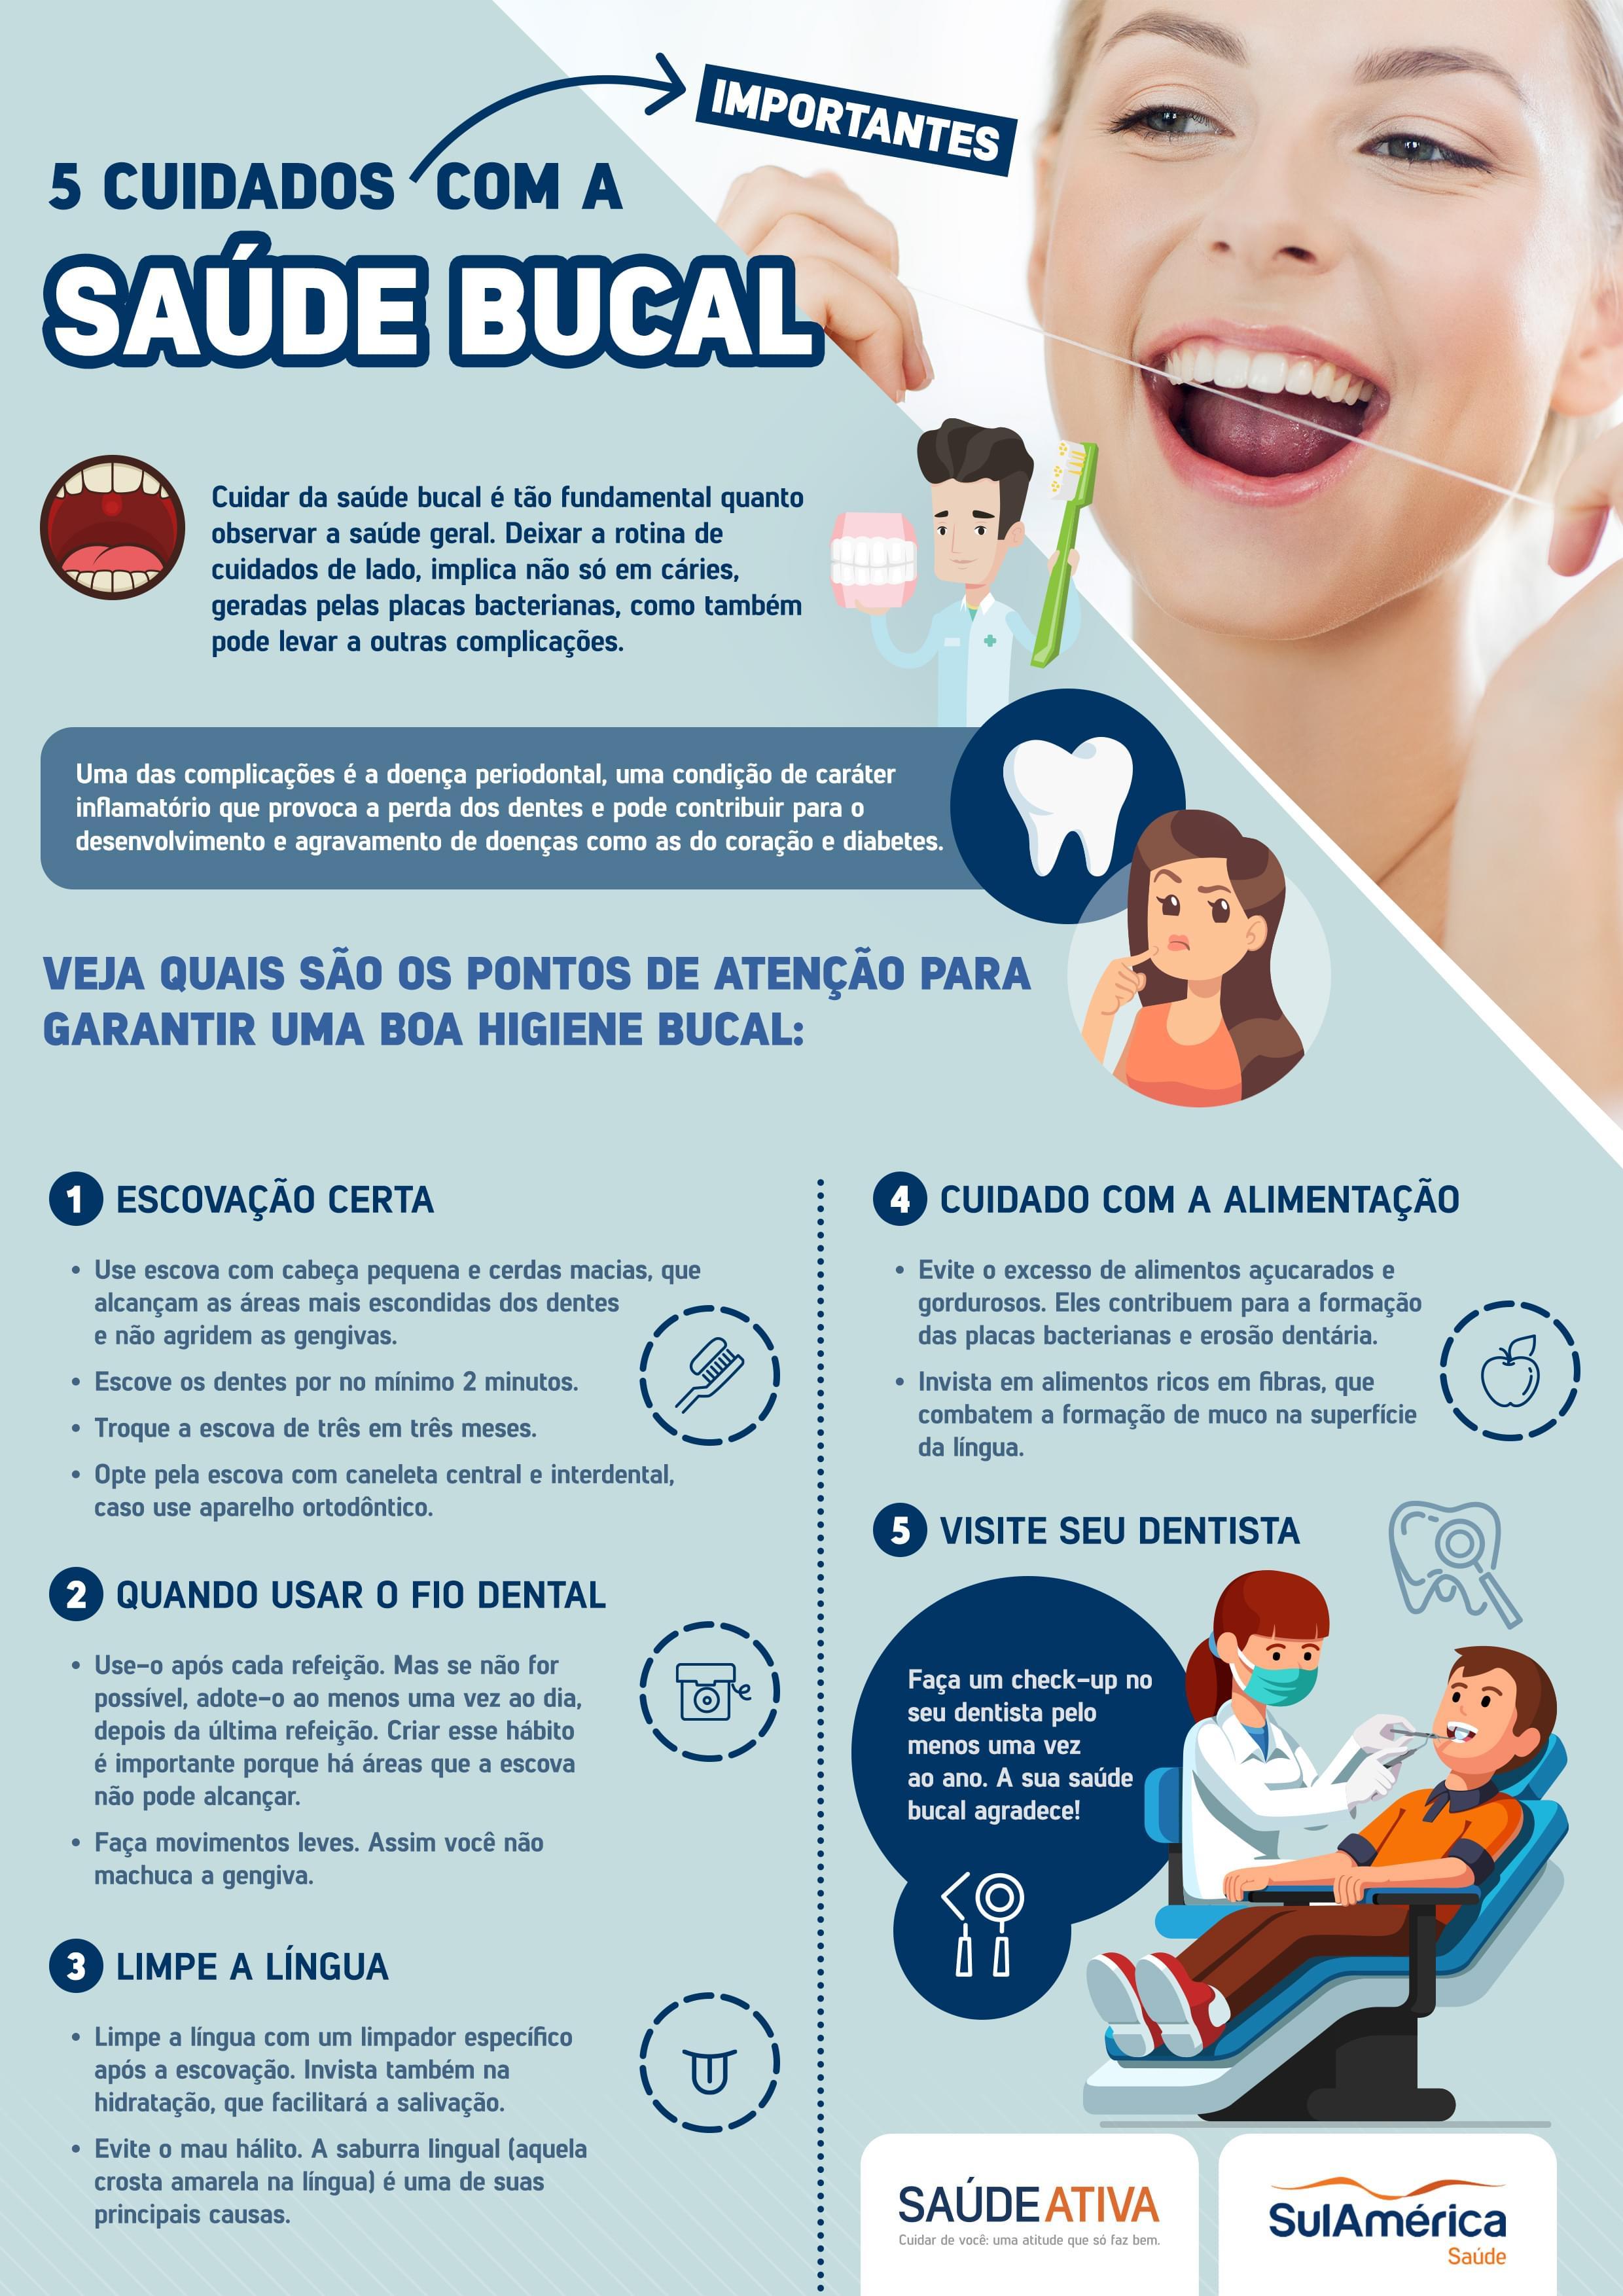 5 Cuidados Importantes Com Saúde Bucal